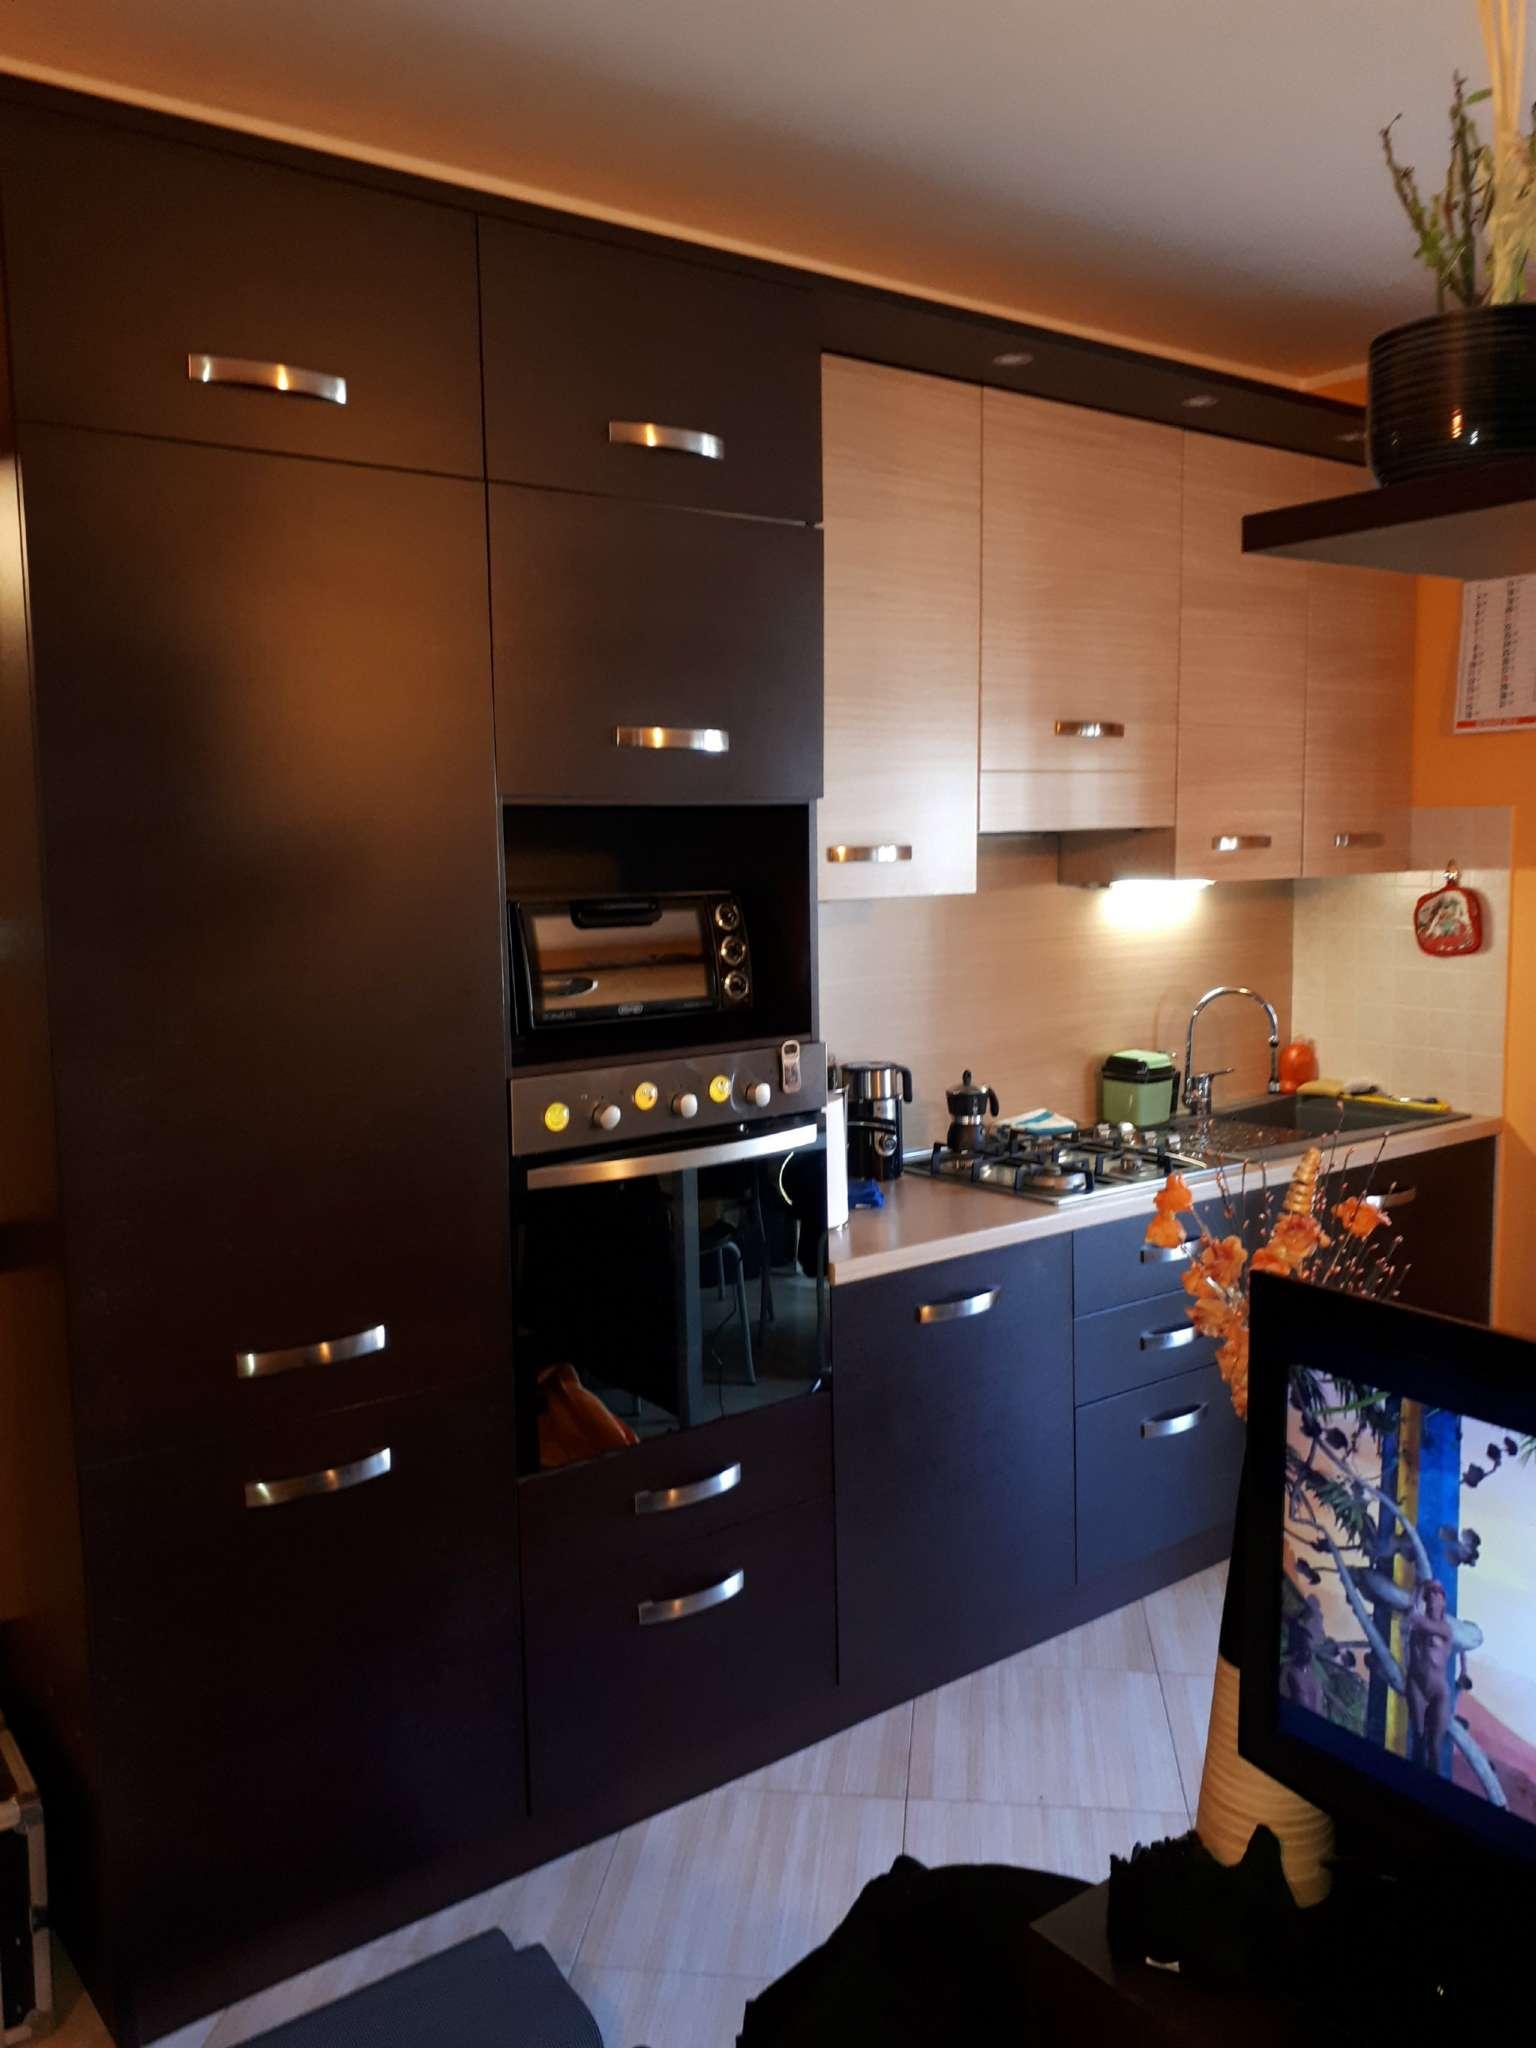 Appartamento bilocale in vendita a Gerenzano (VA)